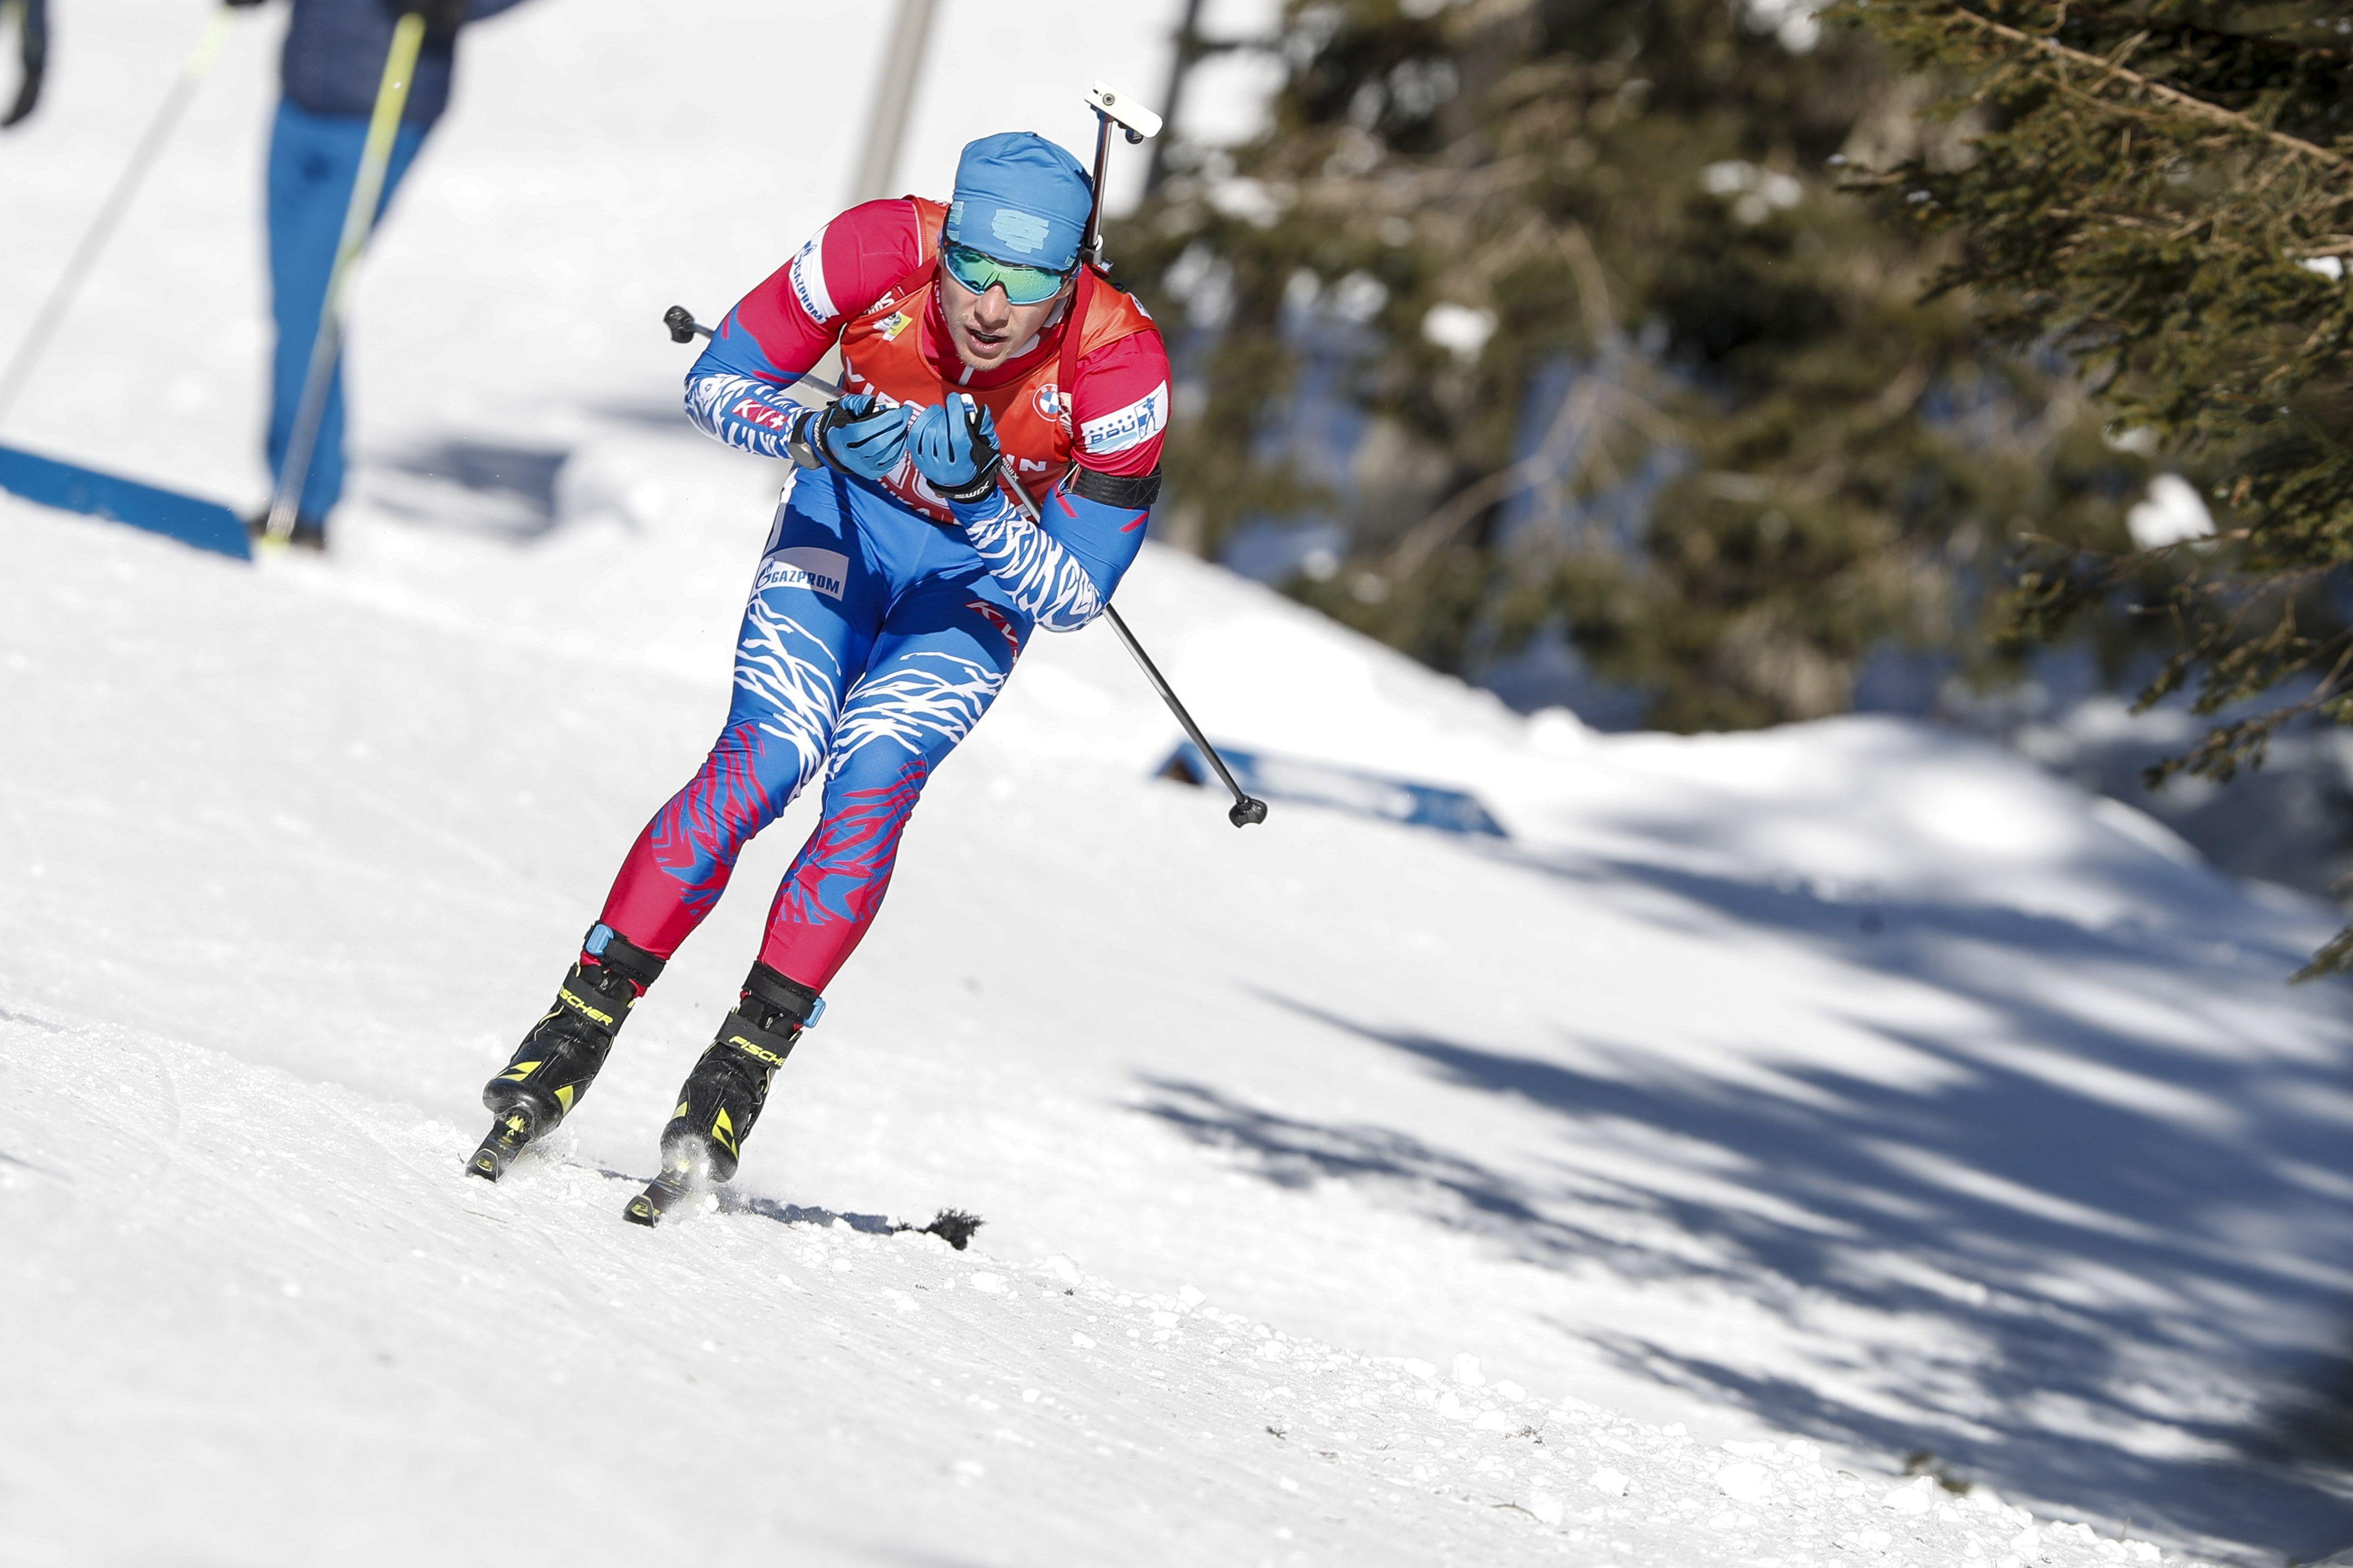 Васильев: В таком режиме на Олимпиаде делать нечего, надо пересматривать подготовку